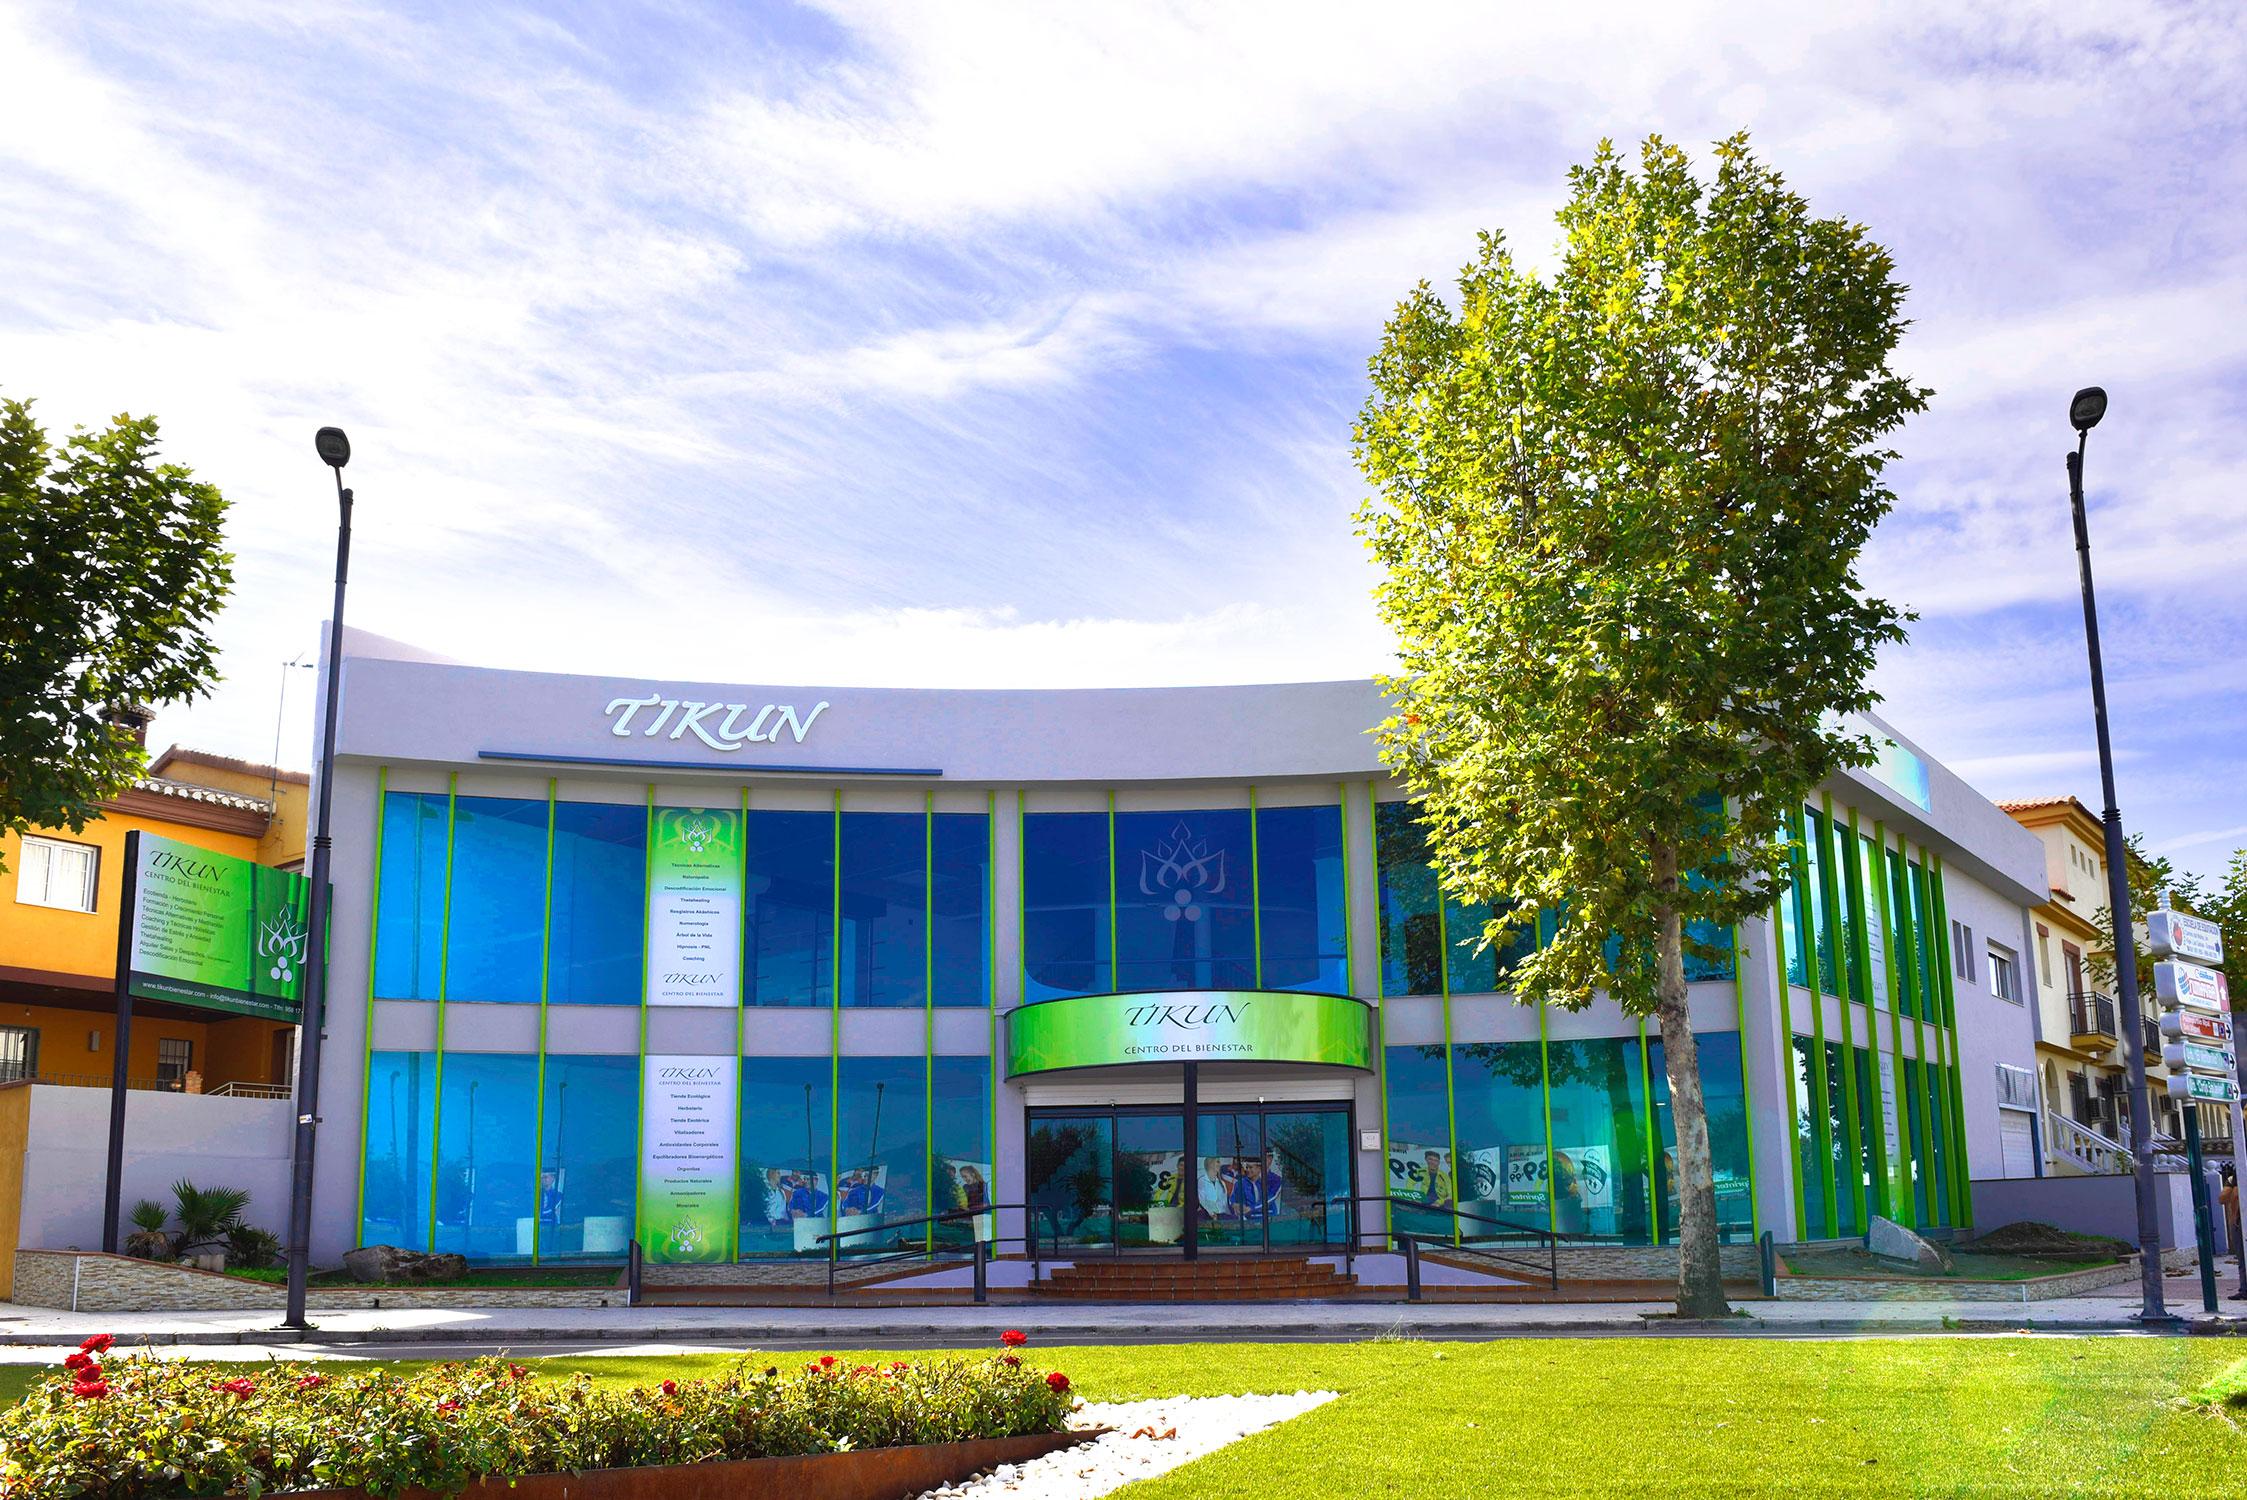 Tikun, Centro del Bienestar alquiler de despachos y salas de formacion cullar vega granada españa europa desarrollo personal terapias alternativas